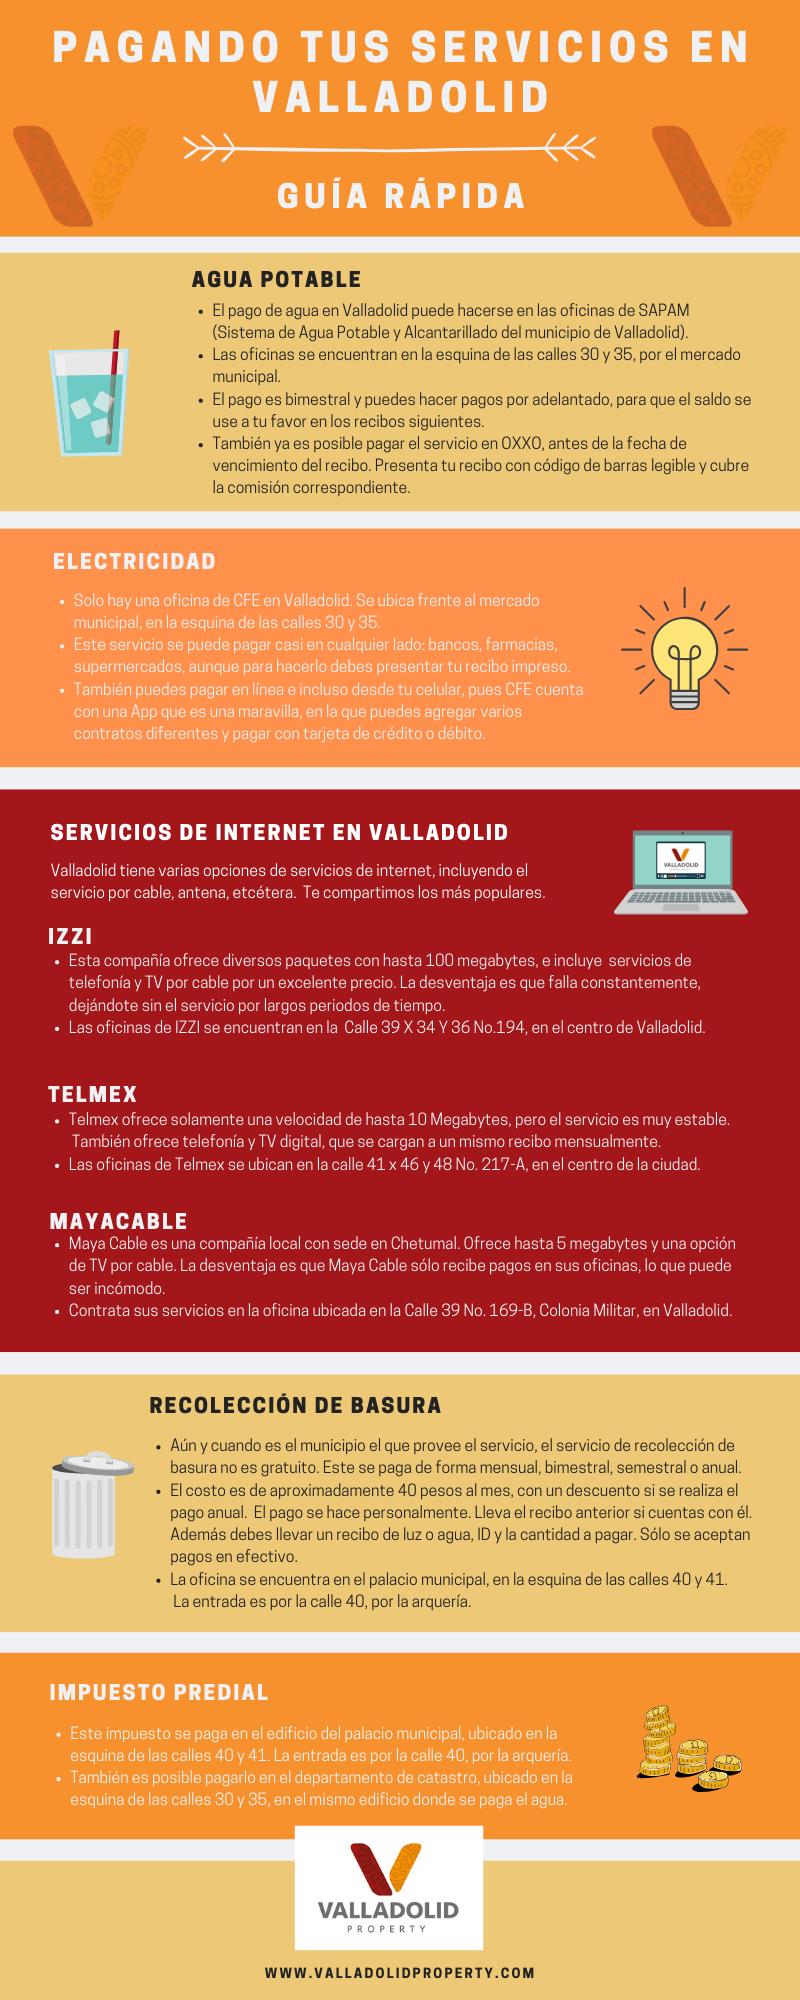 Guía rápida de servicios básicos en Valladolid Yucatán.